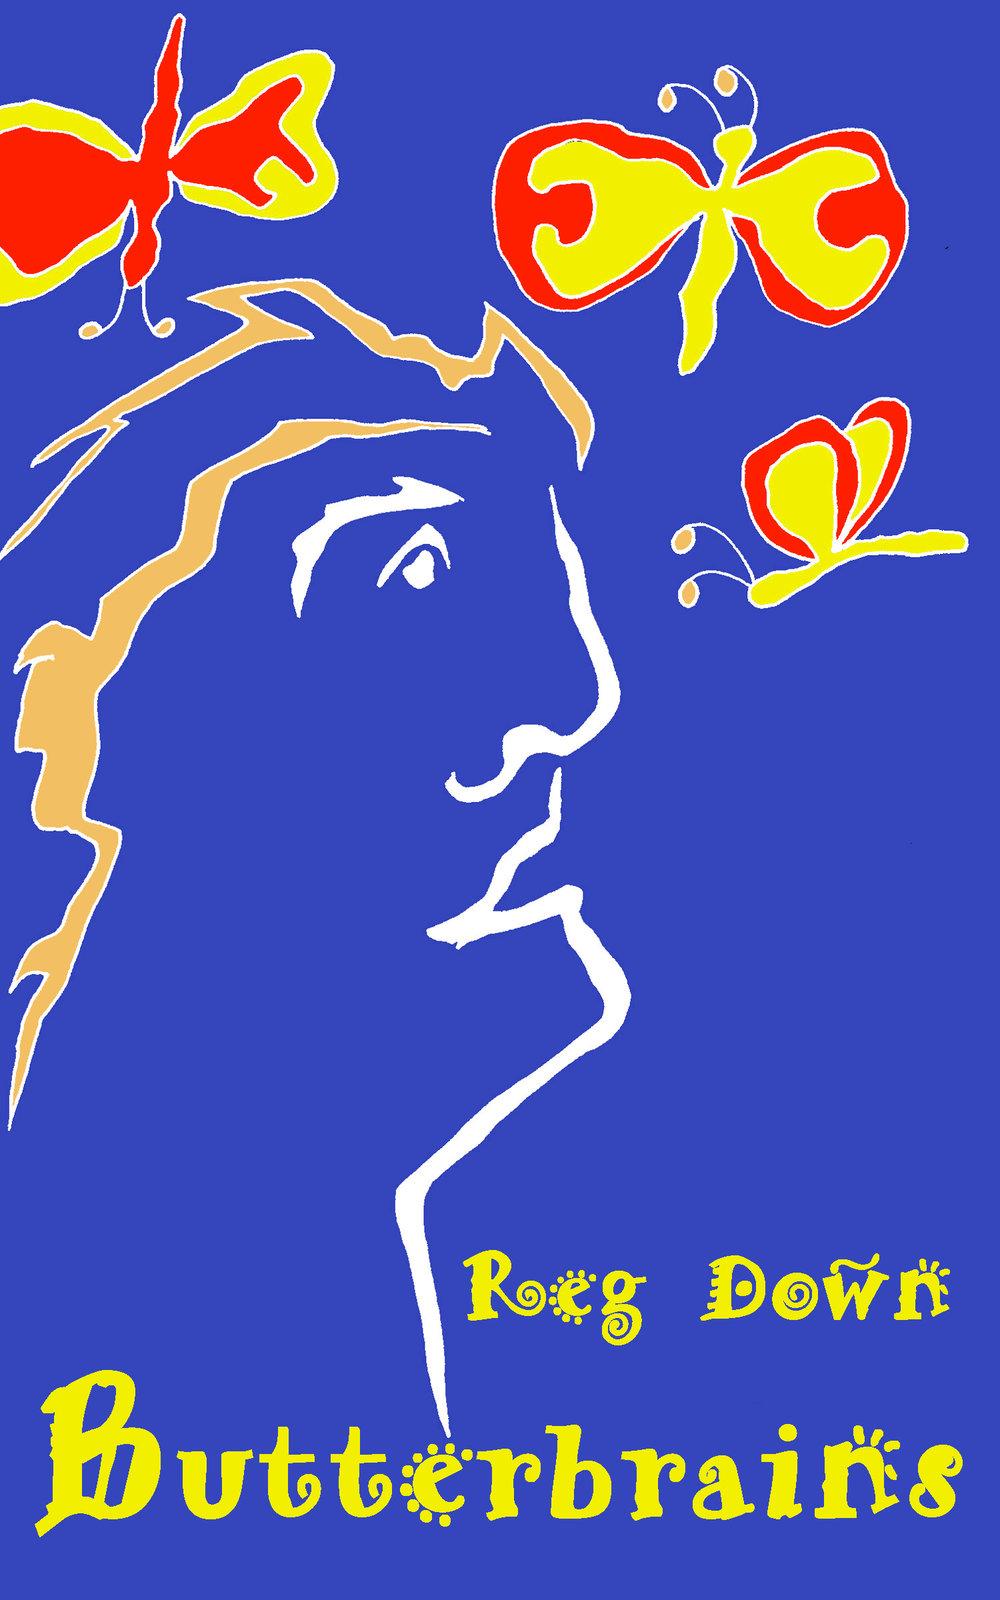 Butterbrains-blue-Cvr-1 - Copy.jpg